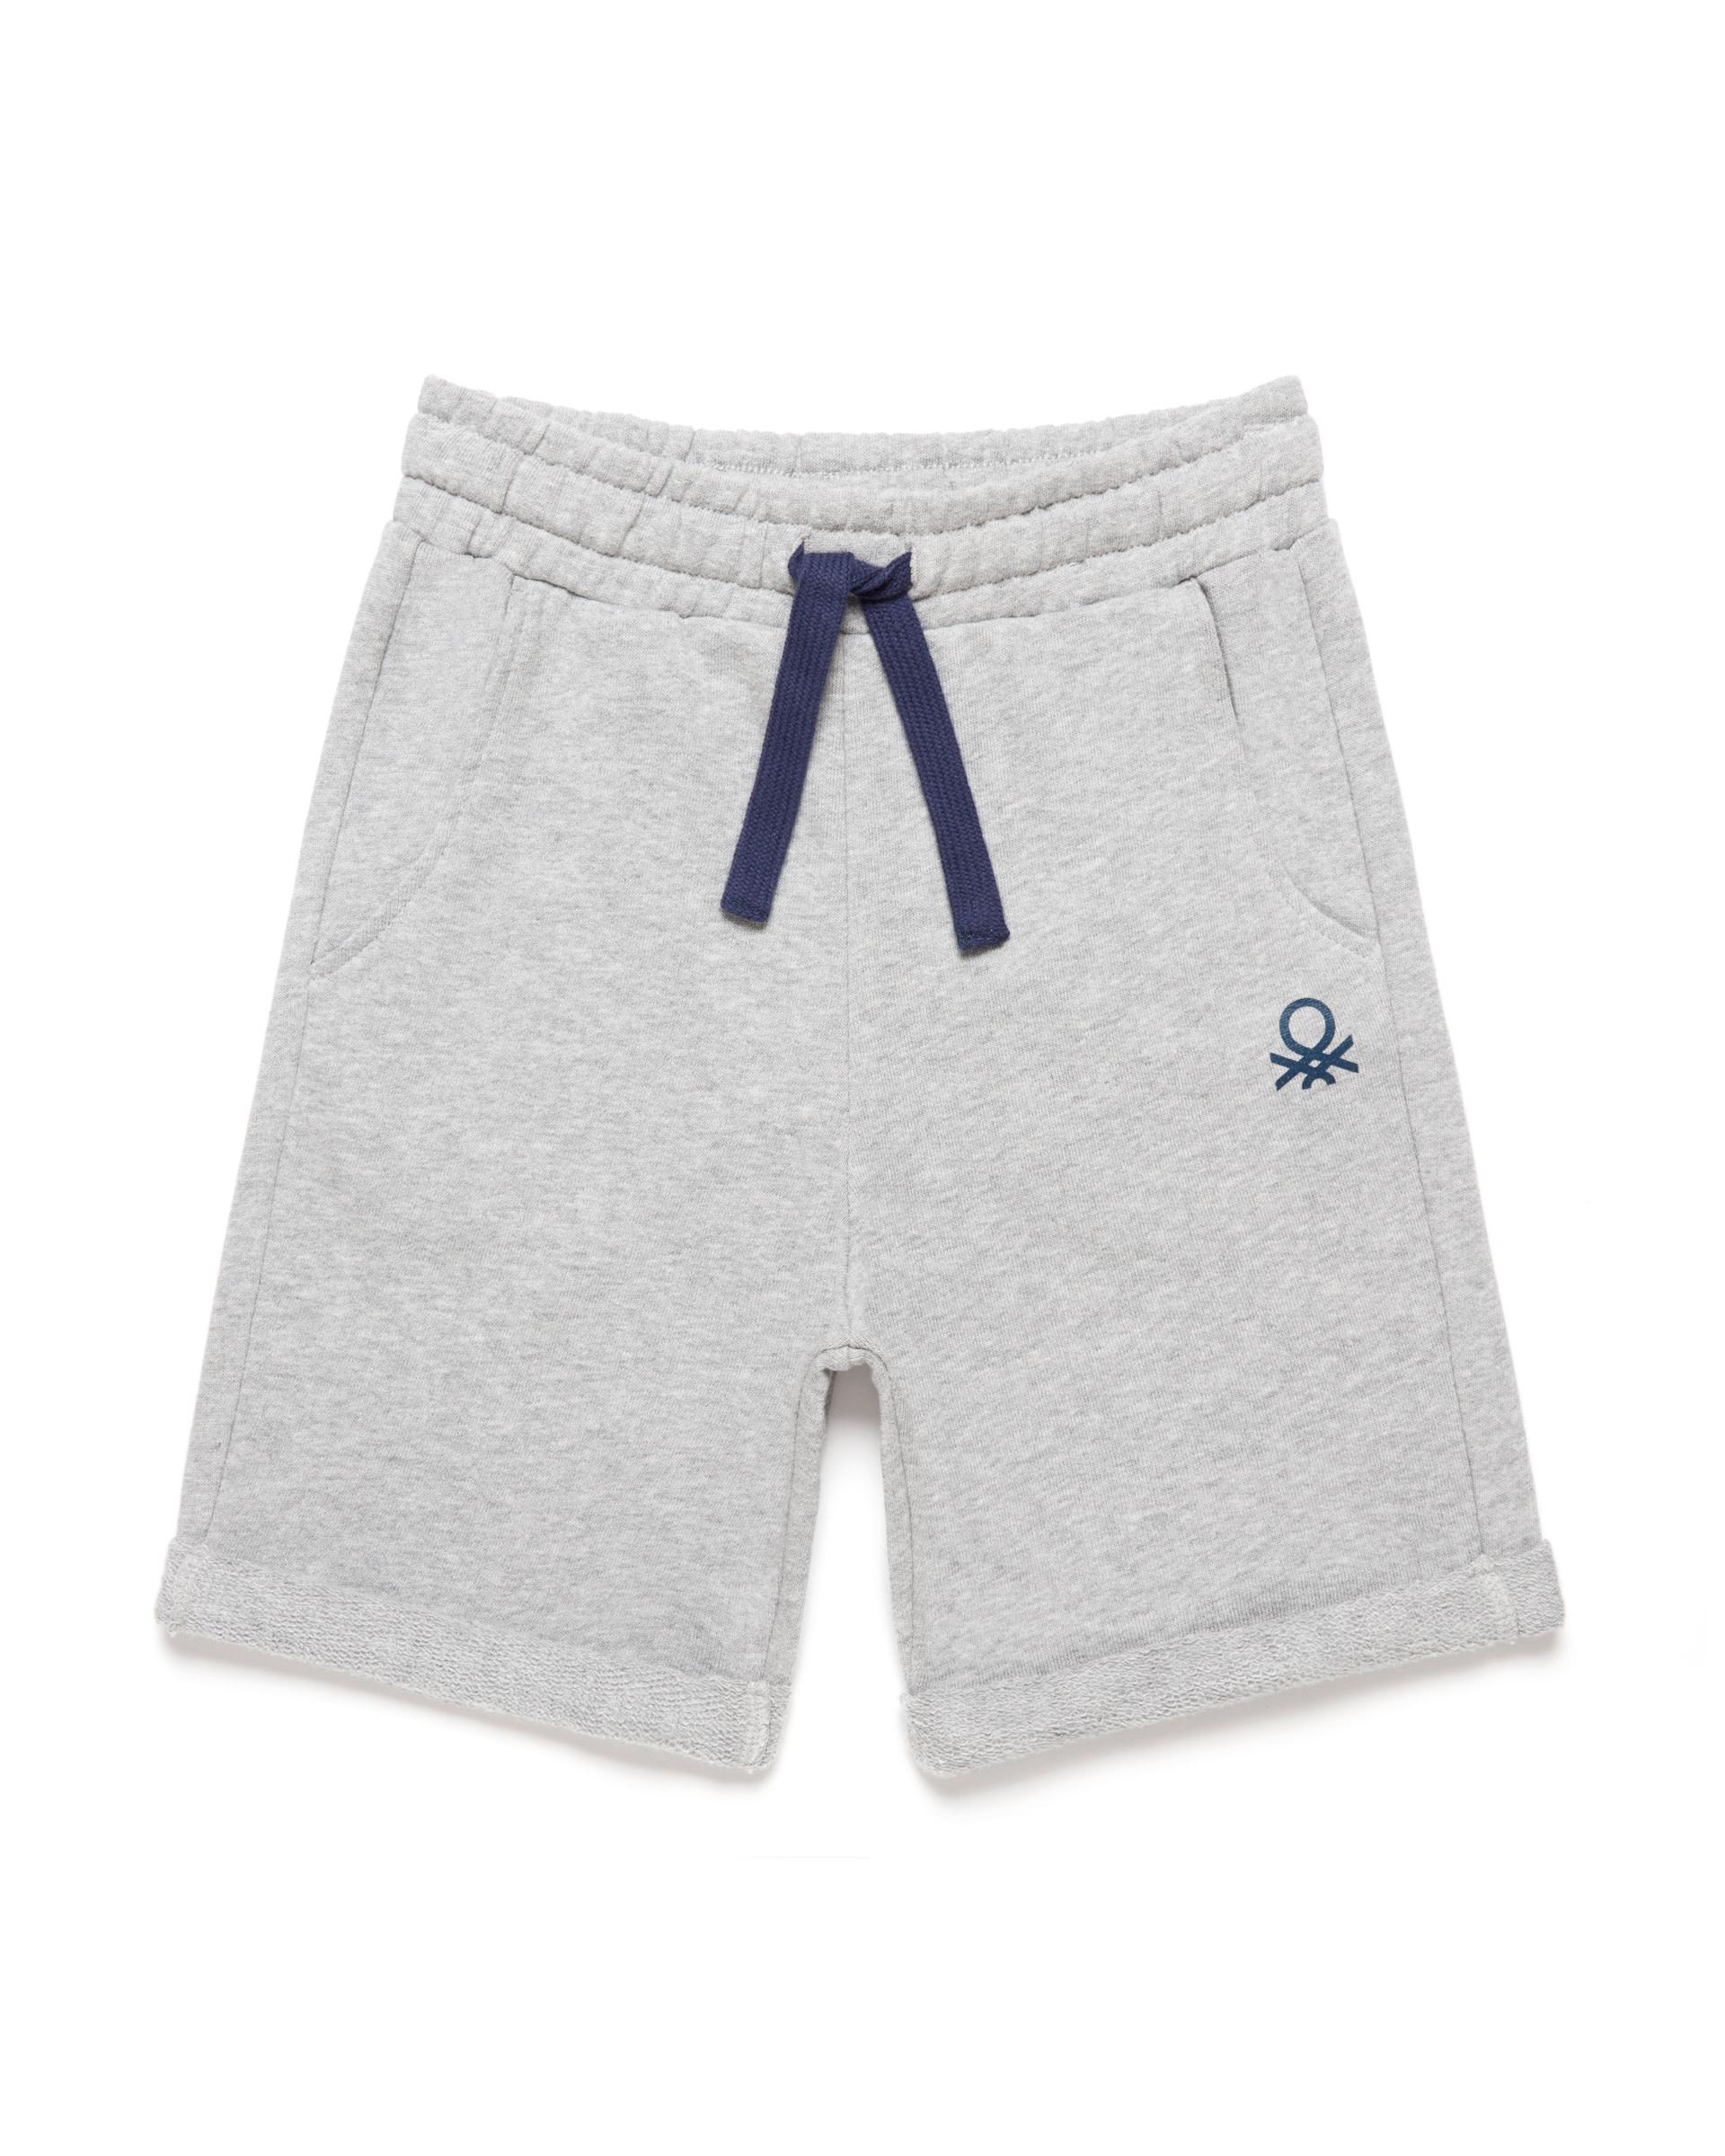 Купить 20P_3J68I0638_501, Спортивные шорты для мальчиков Benetton 3J68I0638_501 р-р 80, United Colors of Benetton, Шорты и брюки для новорожденных